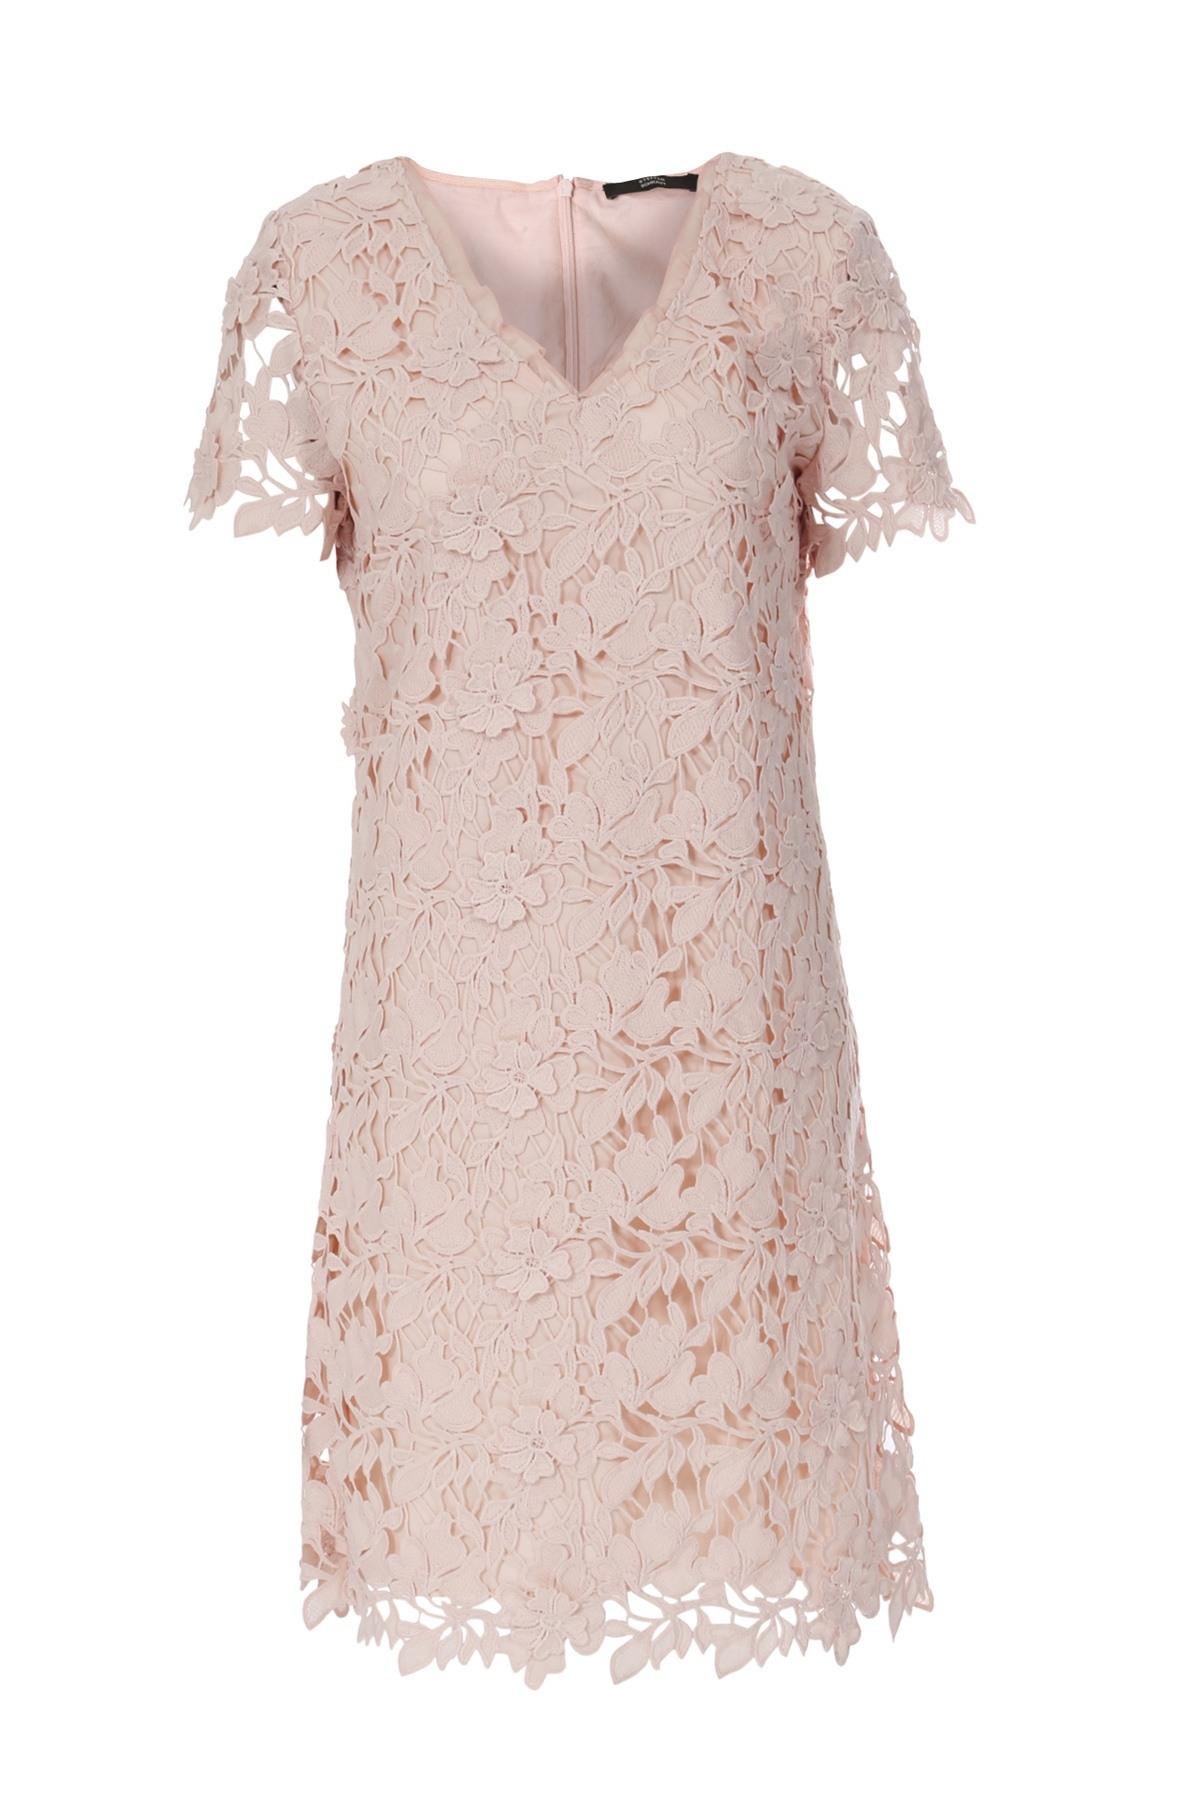 Abend Einfach Rosa Kleid Spitze Bester Preis17 Genial Rosa Kleid Spitze Vertrieb